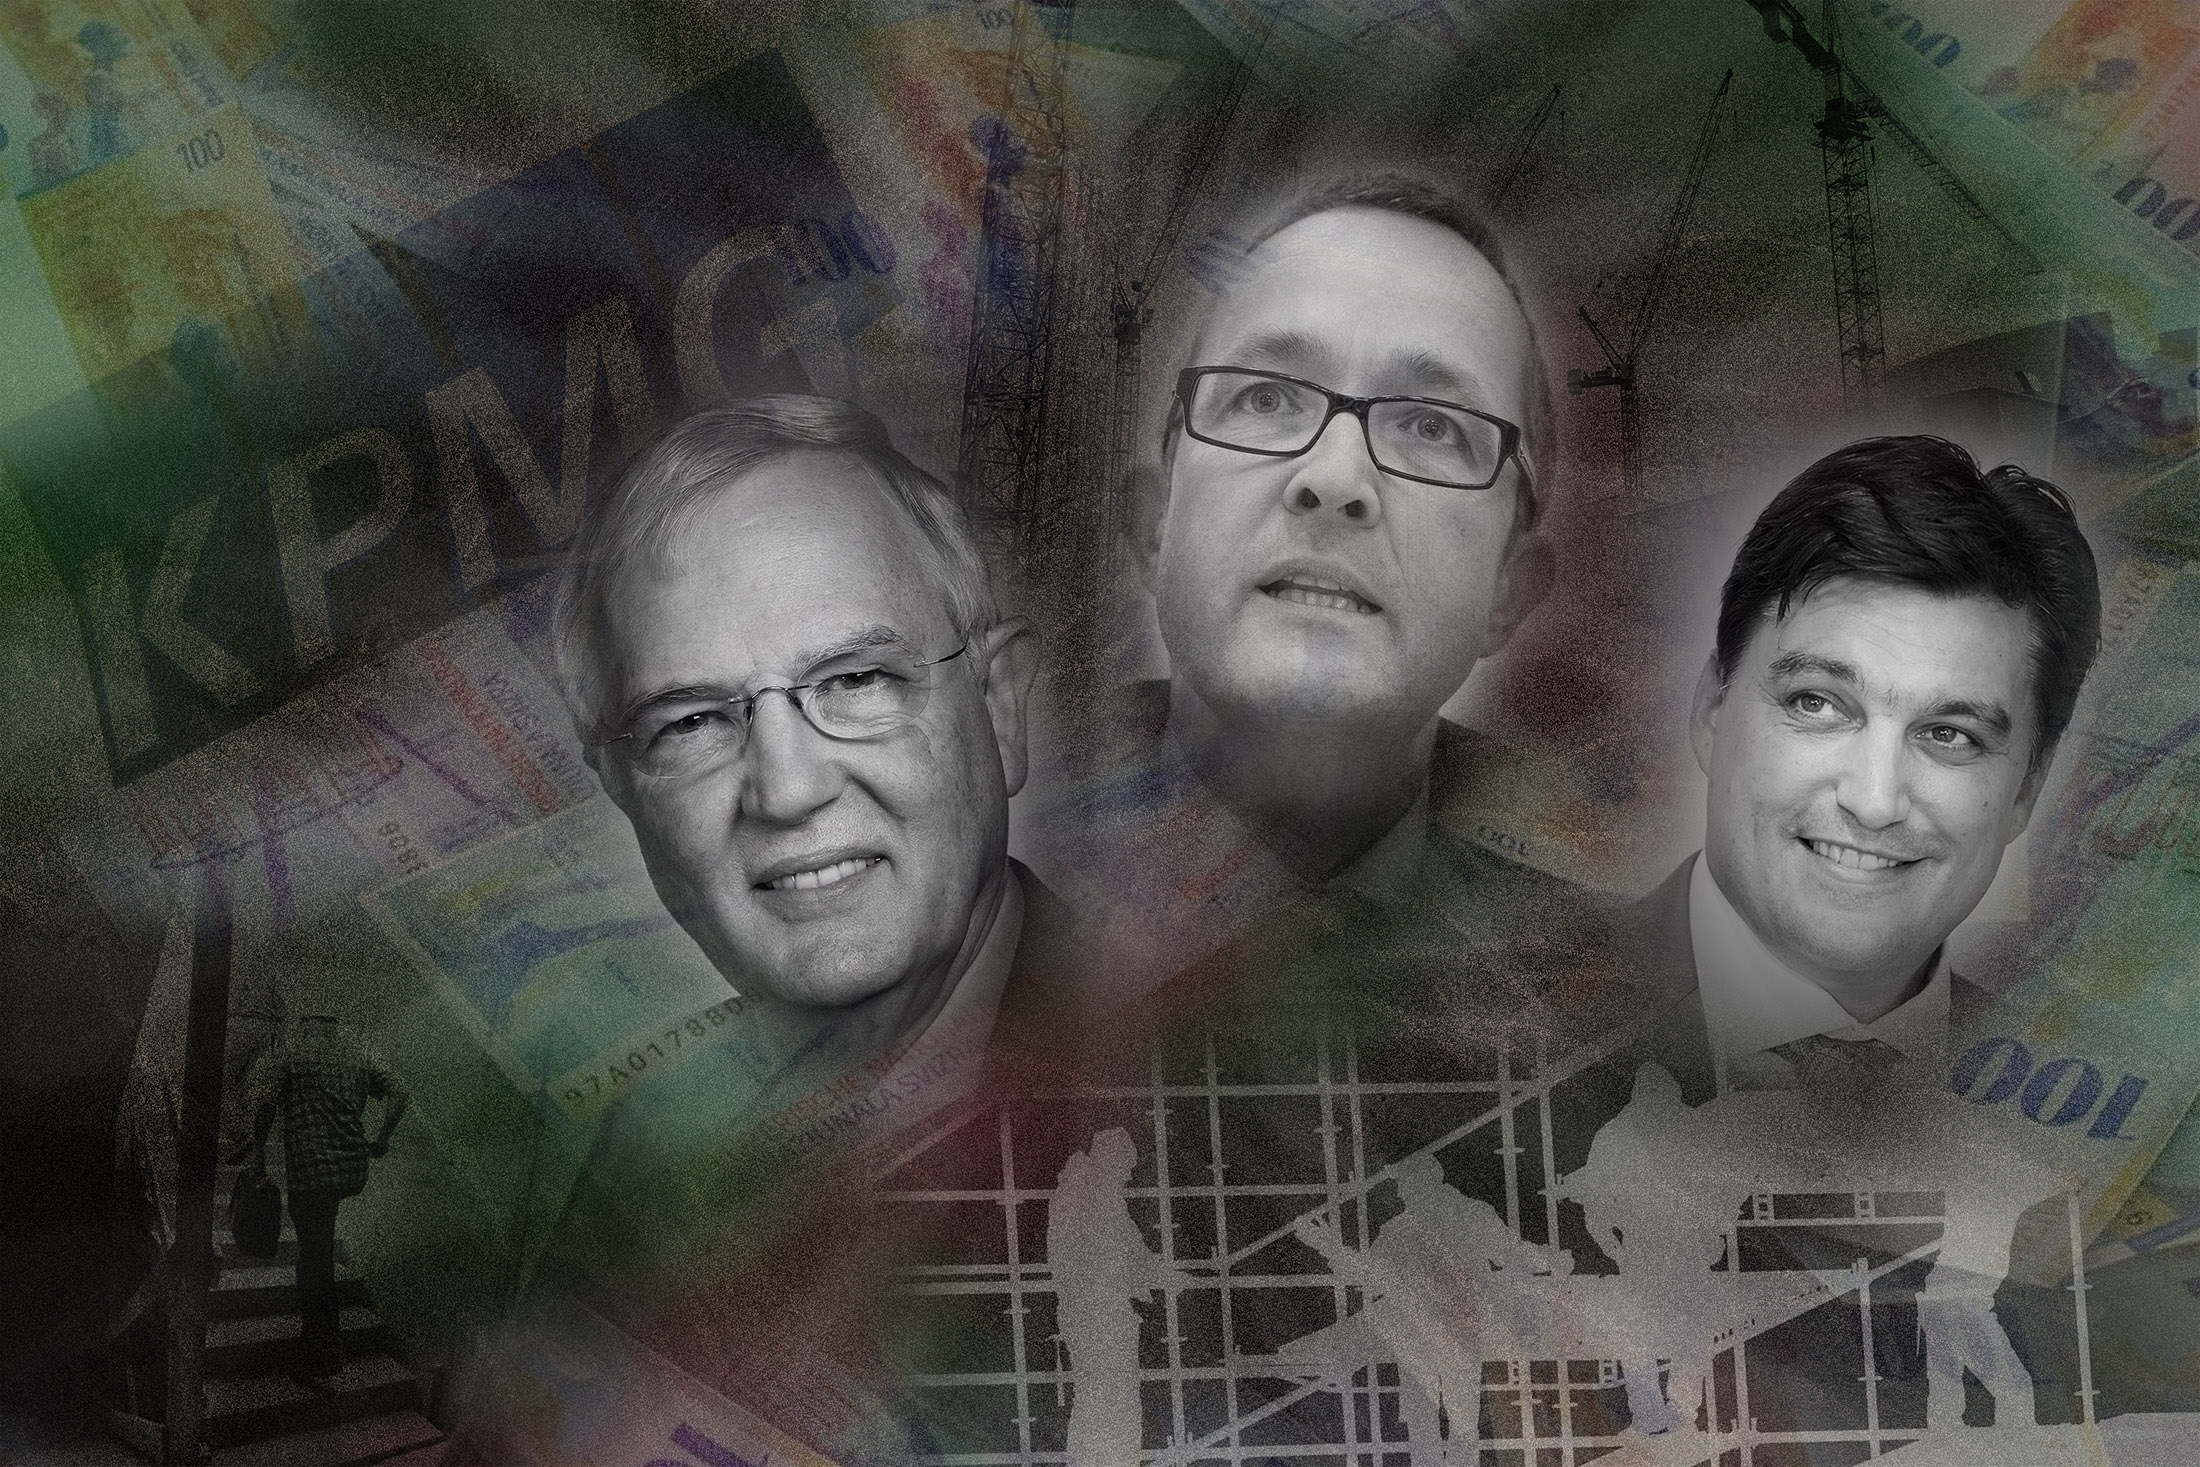 Geld, Macht, Gefälligkeiten: Hans Rudolf  Gysin, Thomas Weber und Christoph Buser.